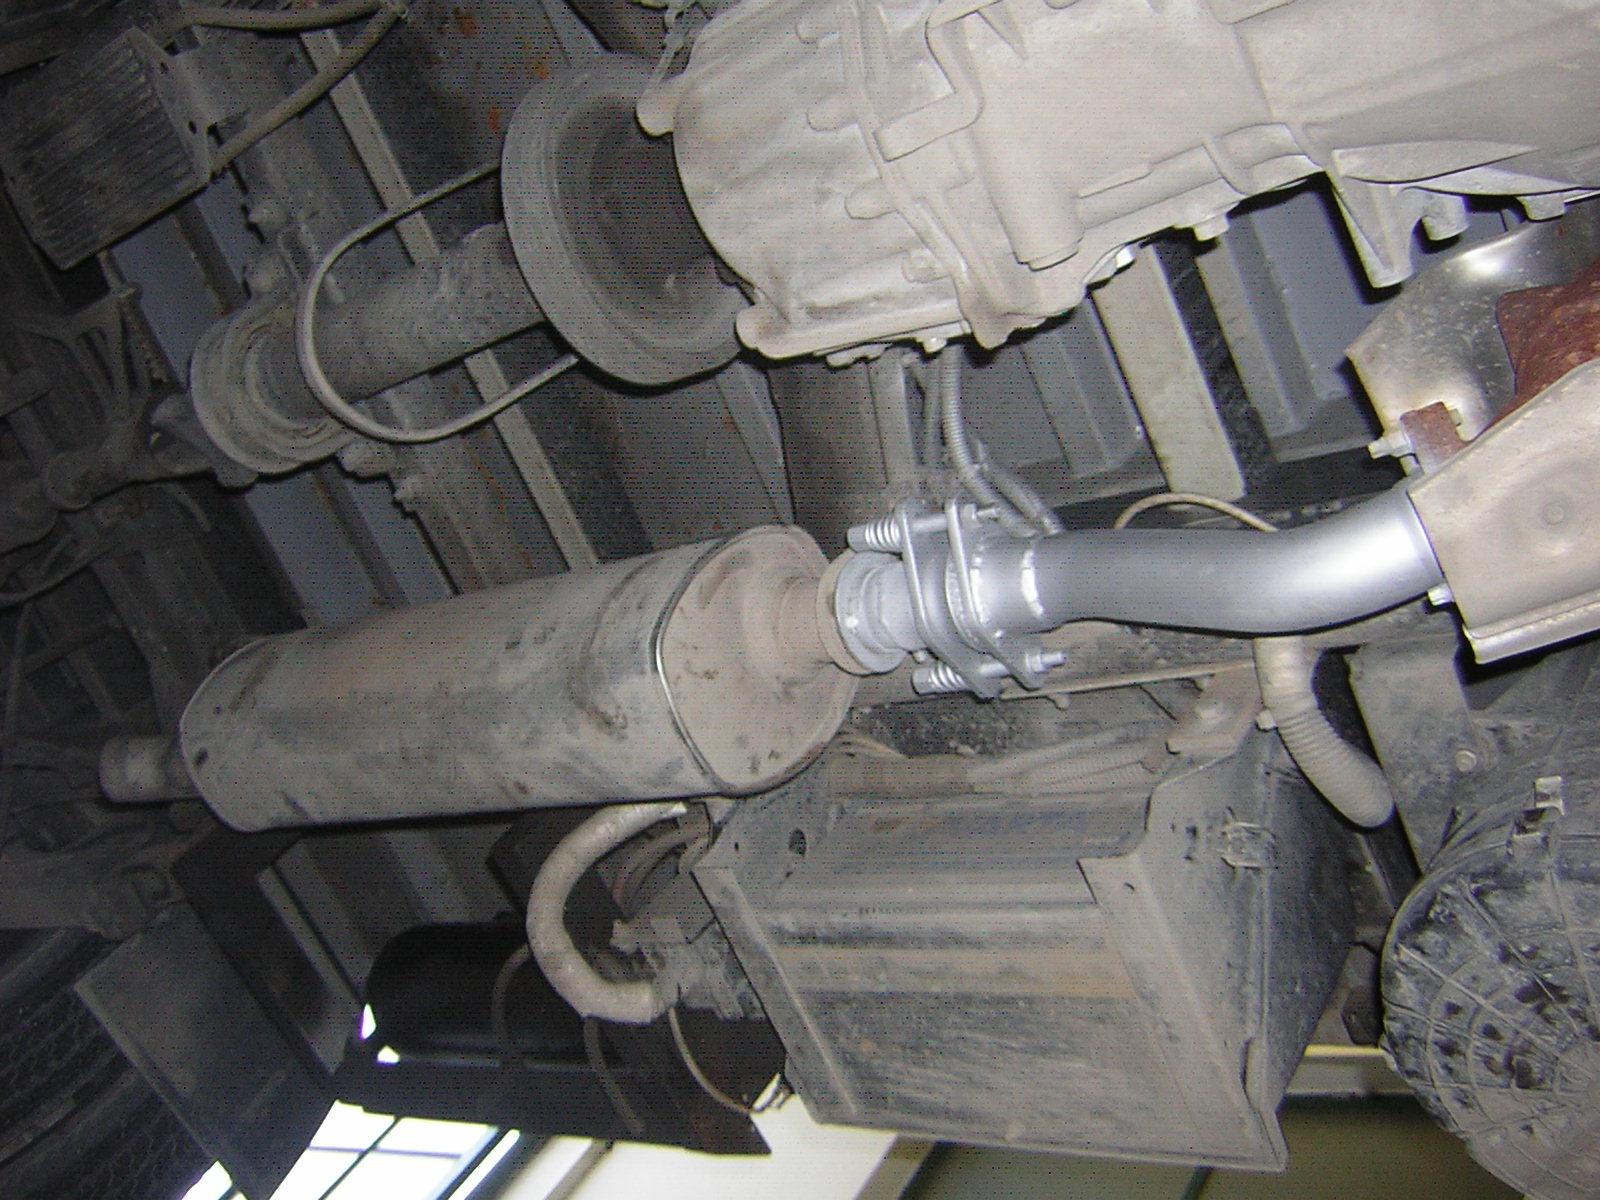 Nissan Cabstar tehergépjármű kipufogó típushiba javítás tűzkarikás rezgéscsillapítóval